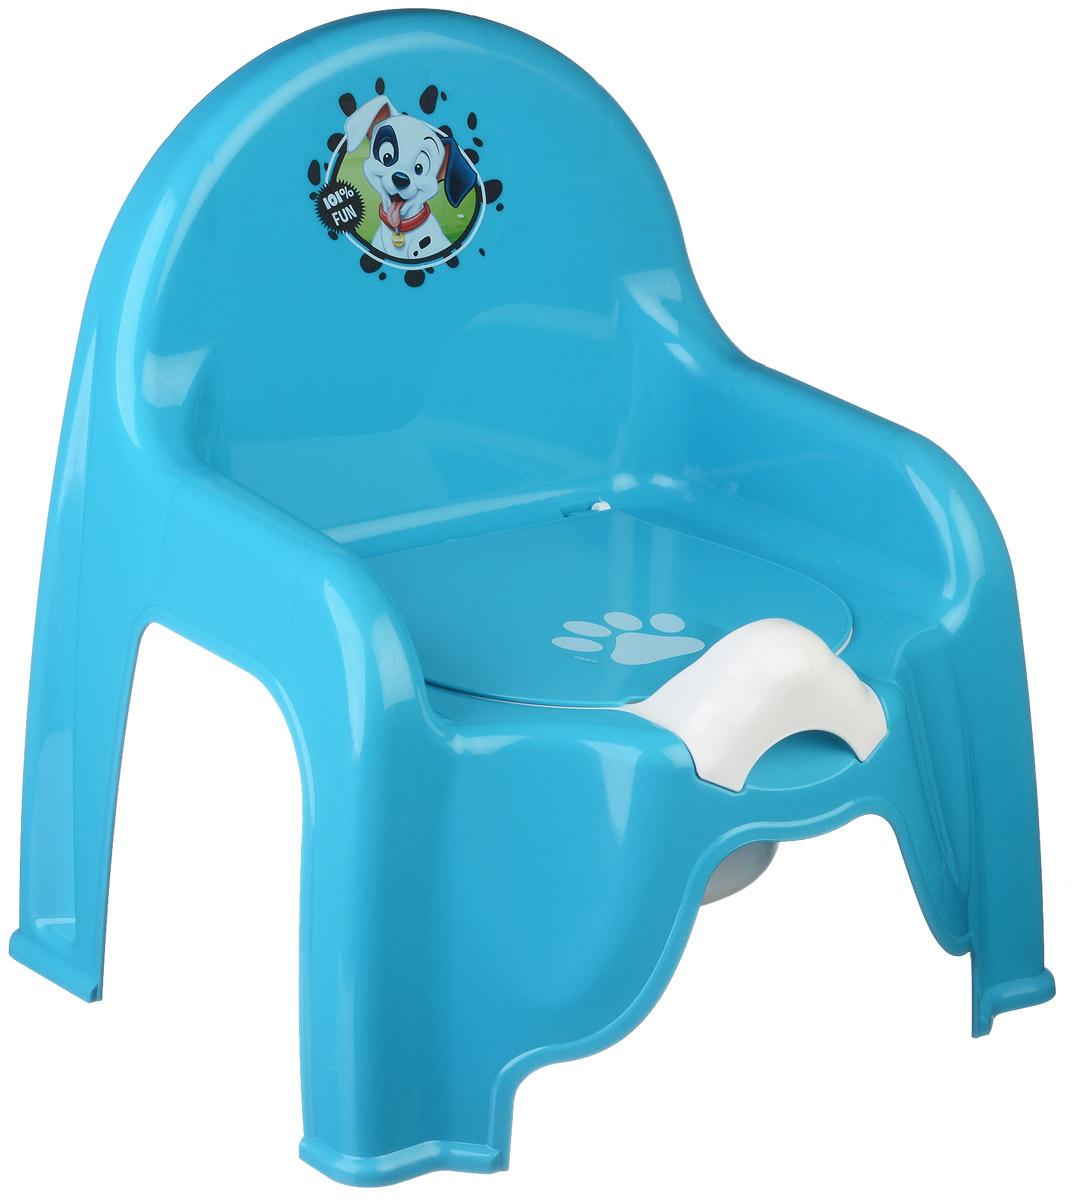 Disney Горшок-стульчик детский цвет бирюзовый -  Горшки и адаптеры для унитаза